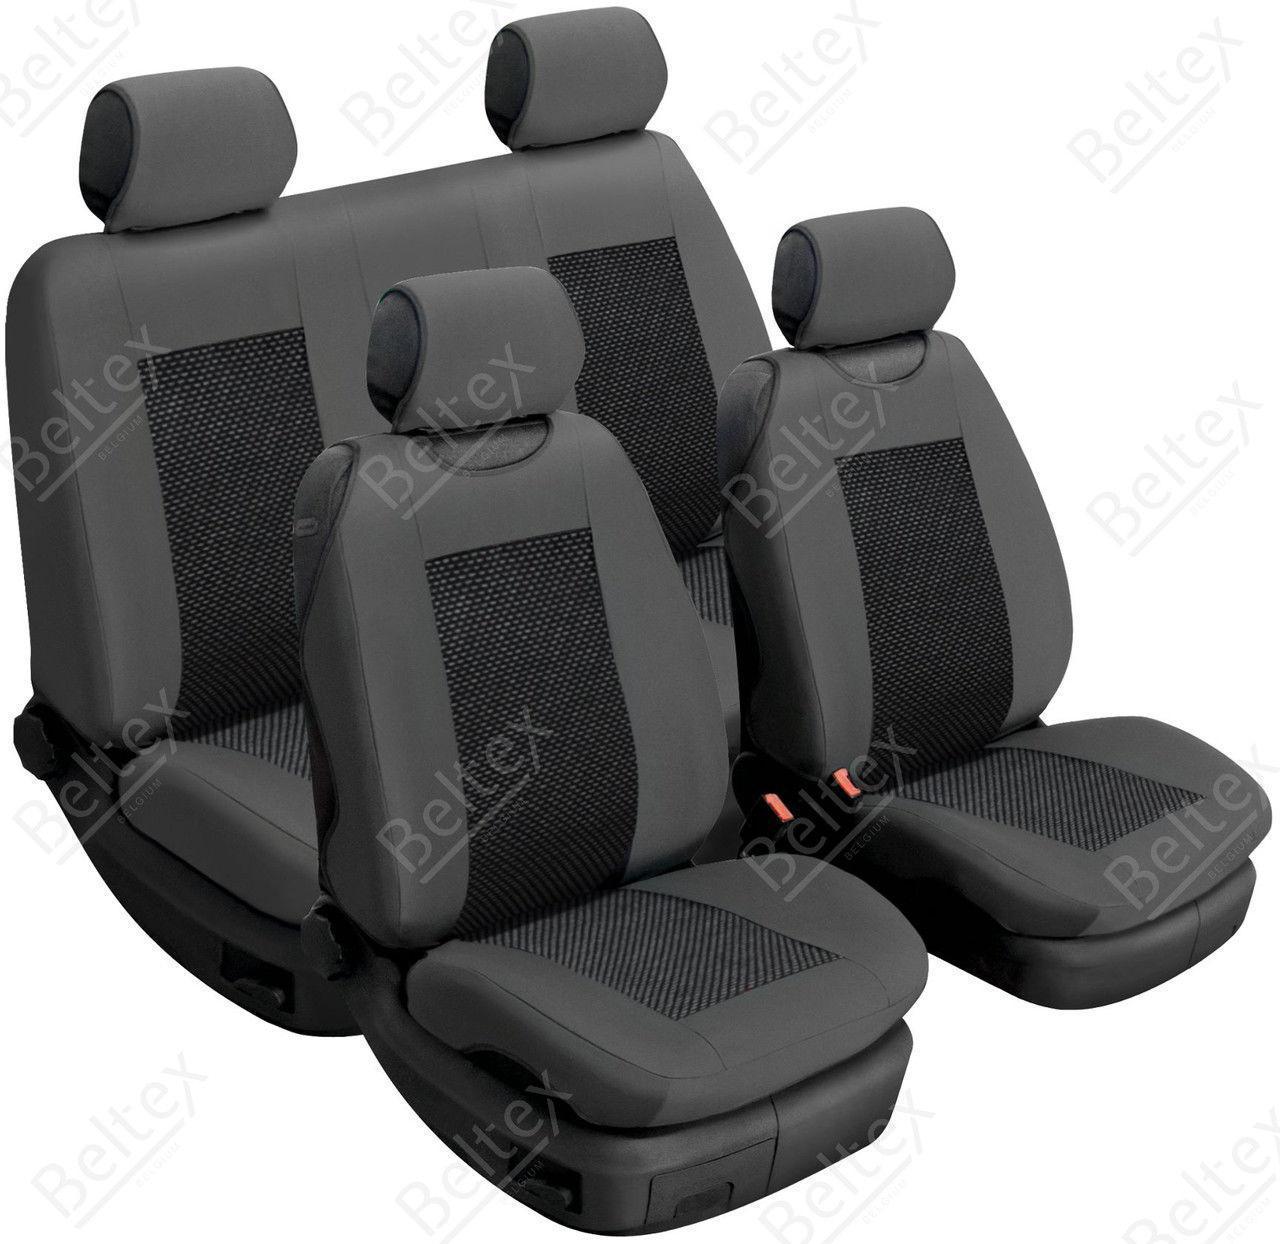 Майки/чехлы на сиденья Митсубиси Кольт (Mitsubishi Colt)